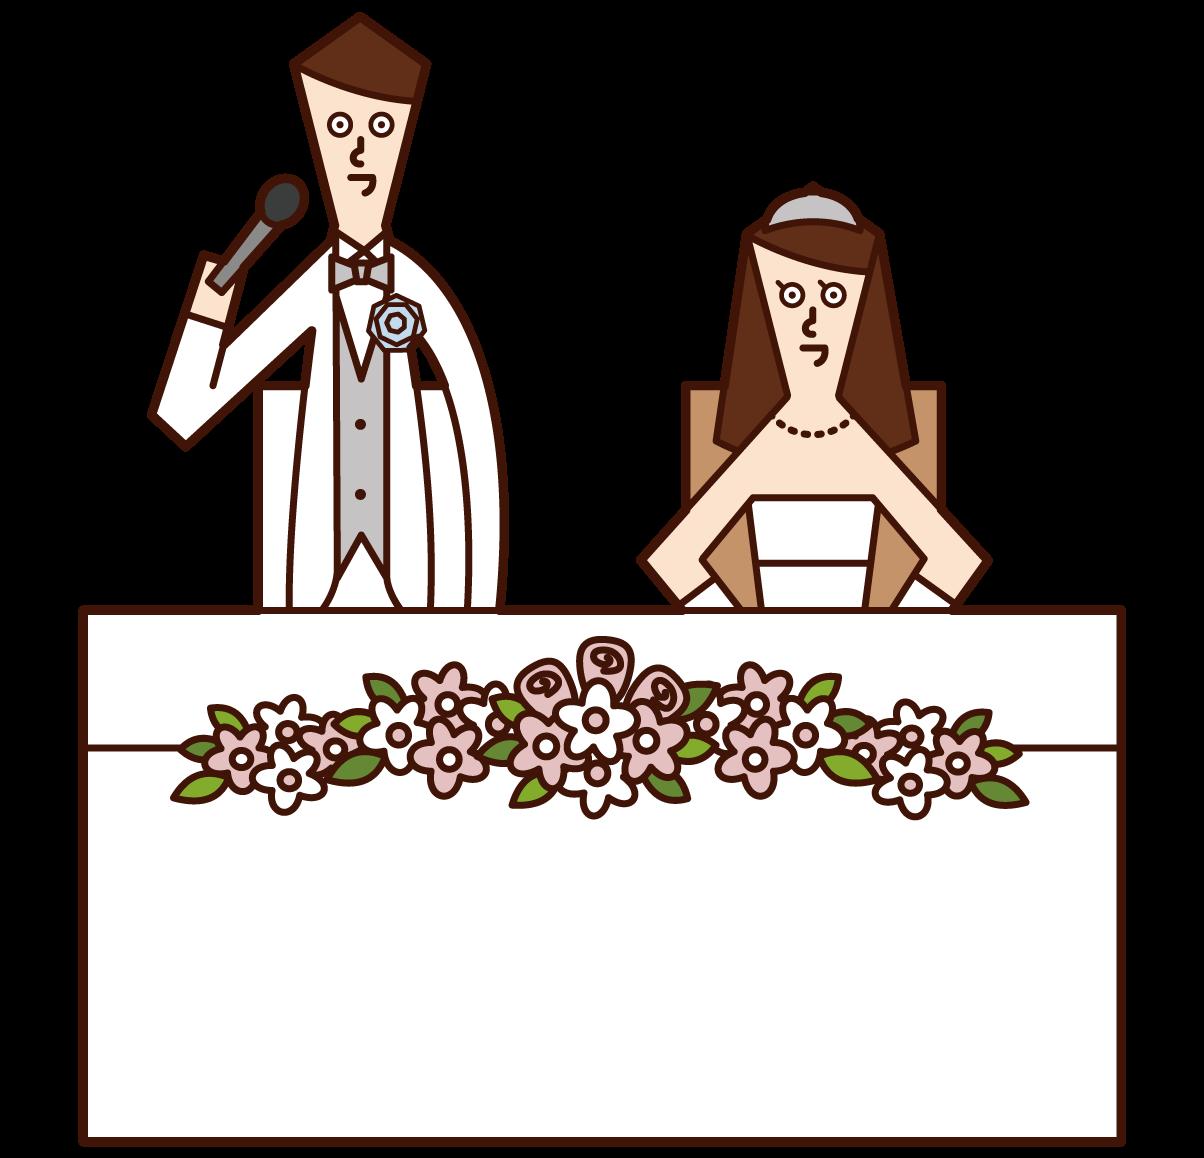 新娘和新郎發表演講的插圖